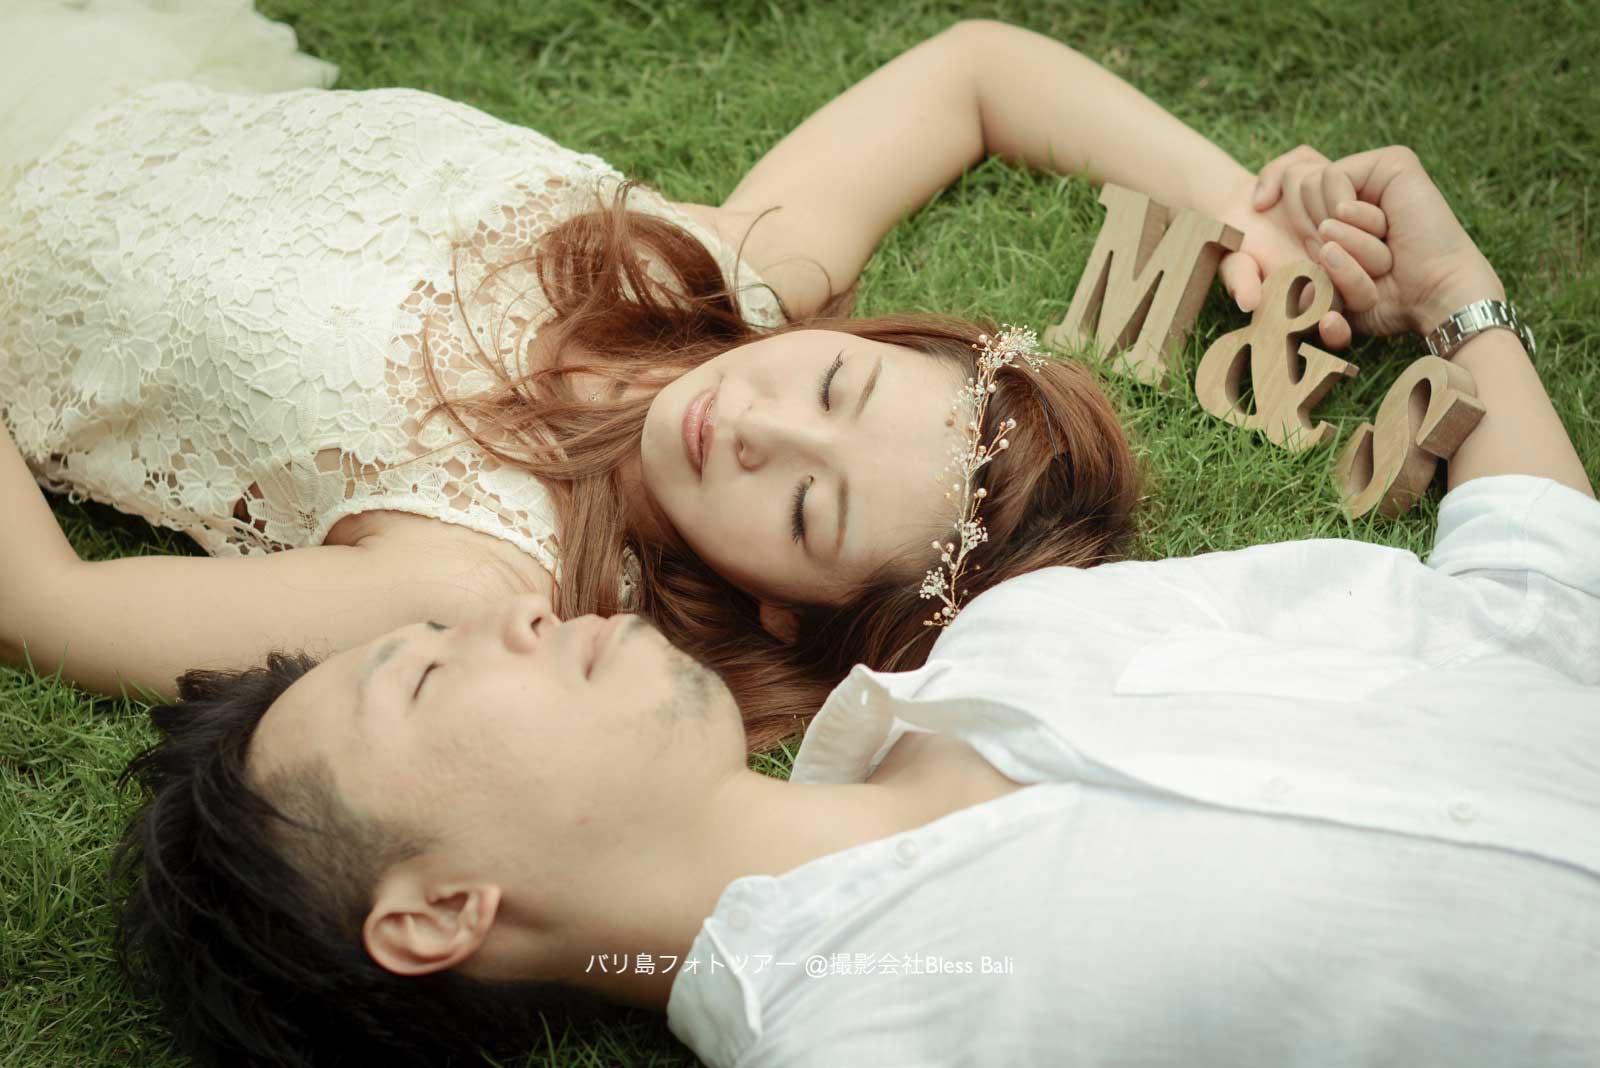 ヴィラアイル 芝生に寝転ぶおふたり